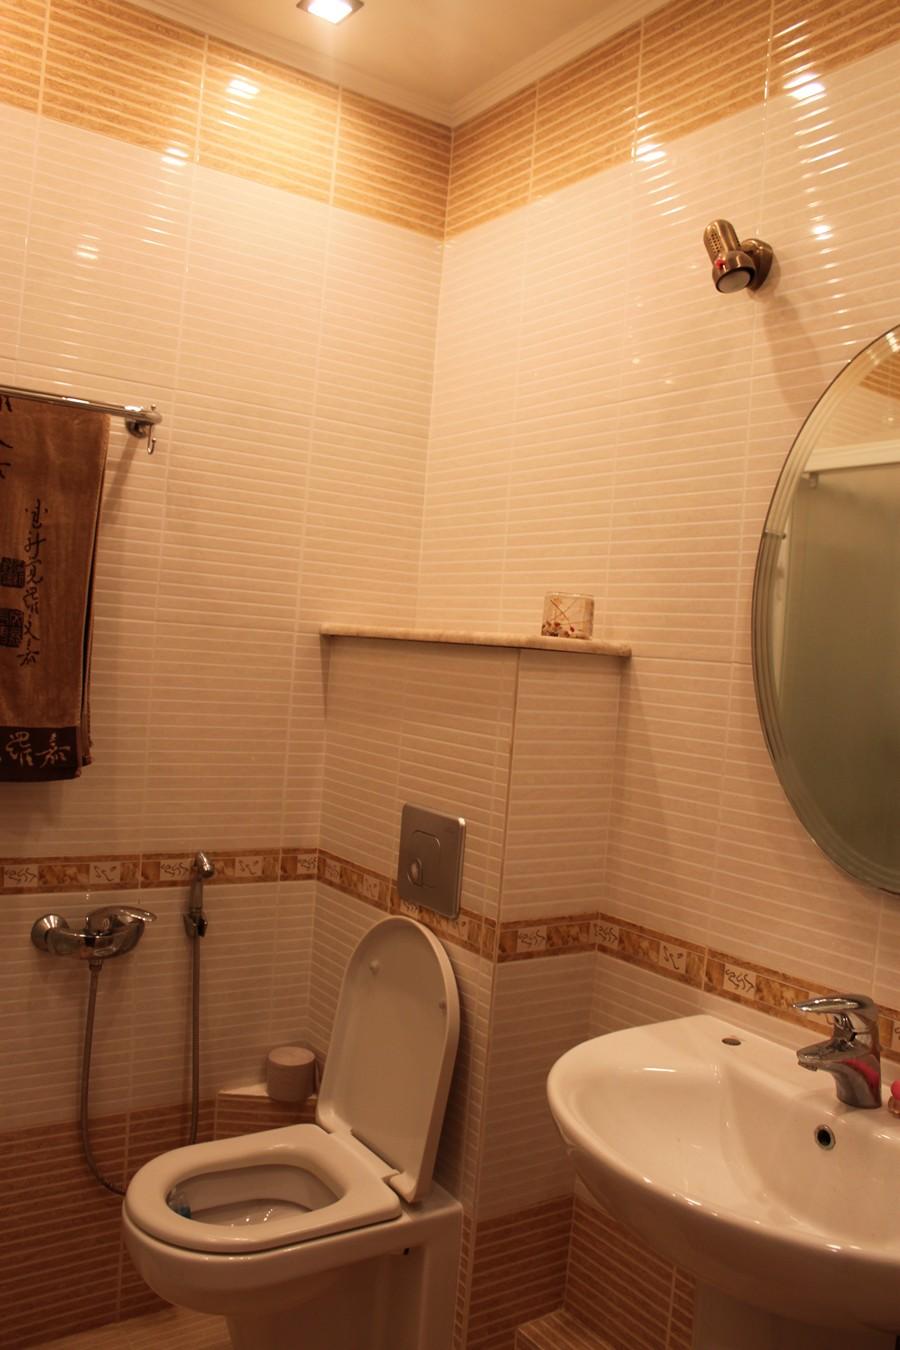 Кача, апартаменты Севастополь, Крым